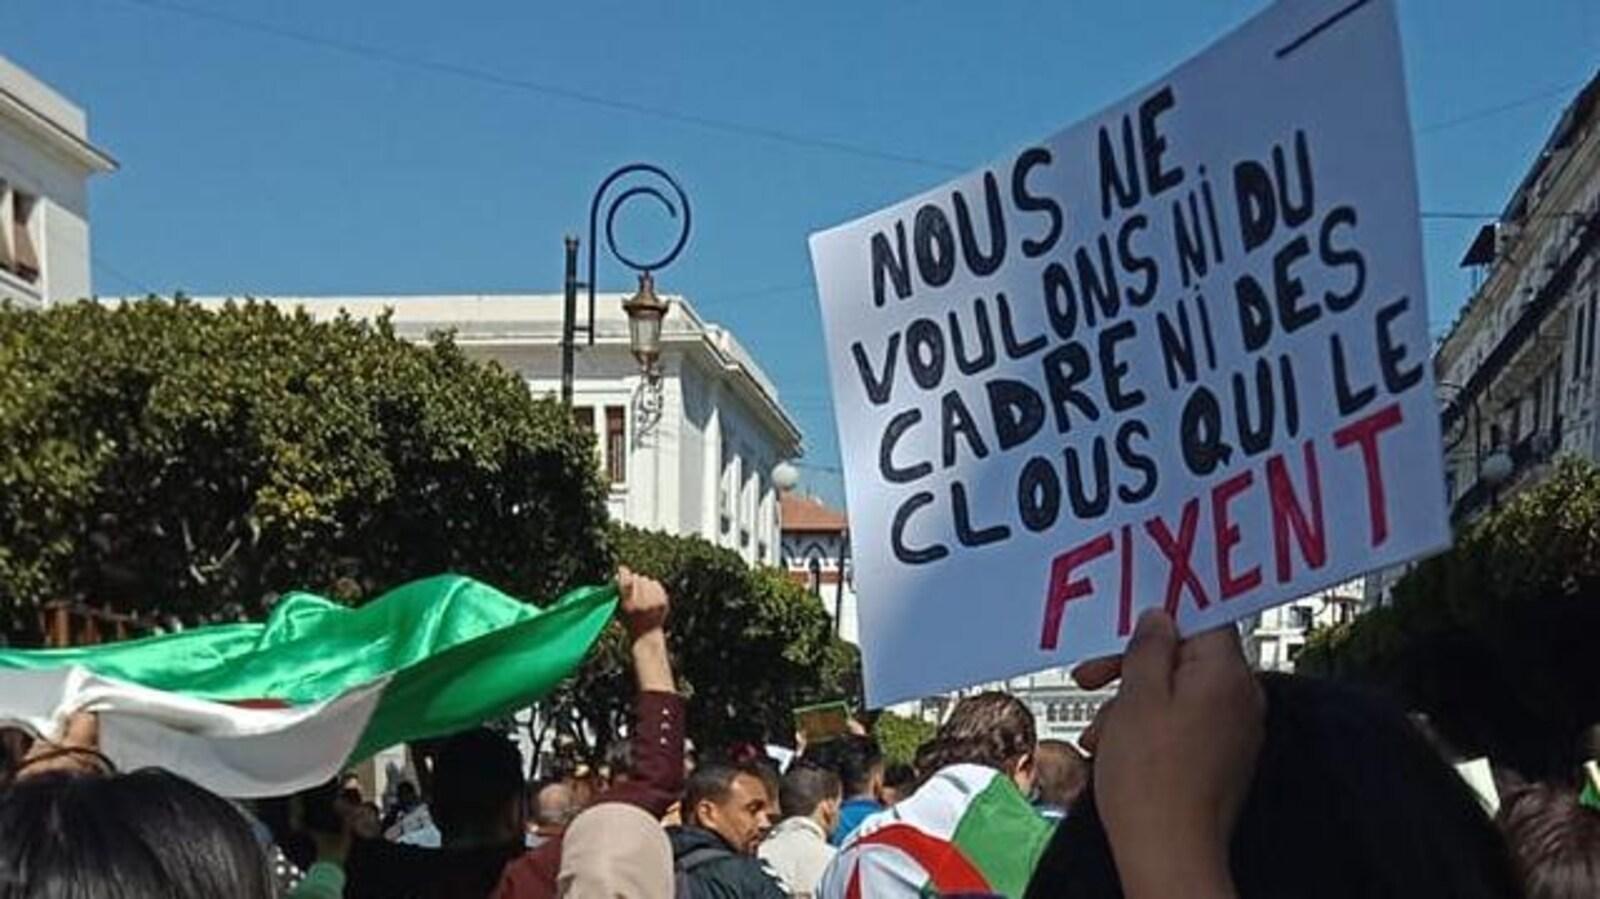 Un manifestant tient une pancarte sur laquelle on peut lire : « Nous ne voulons ni du cadre ni des clous qui le fixent ».